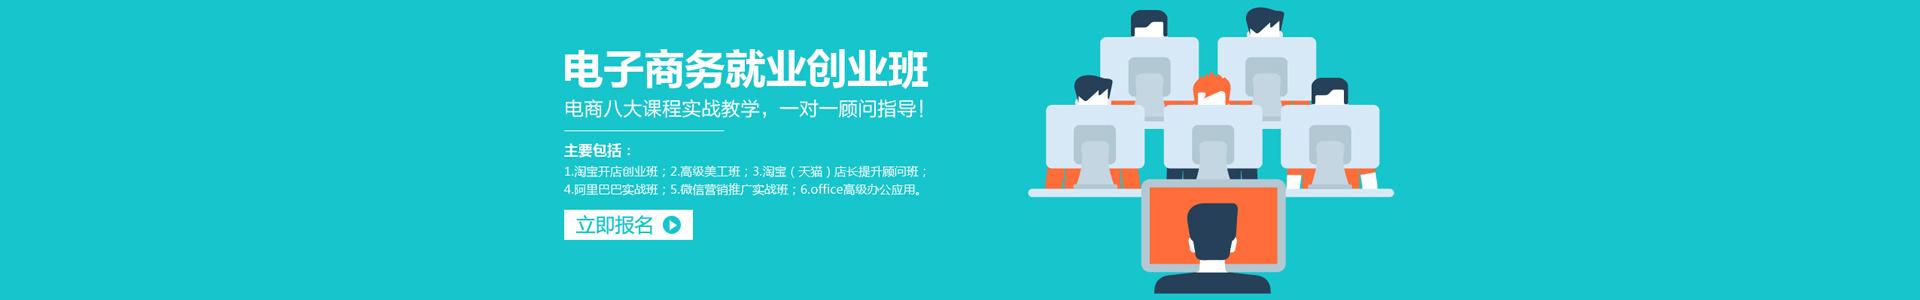 惠州汇学电商教育